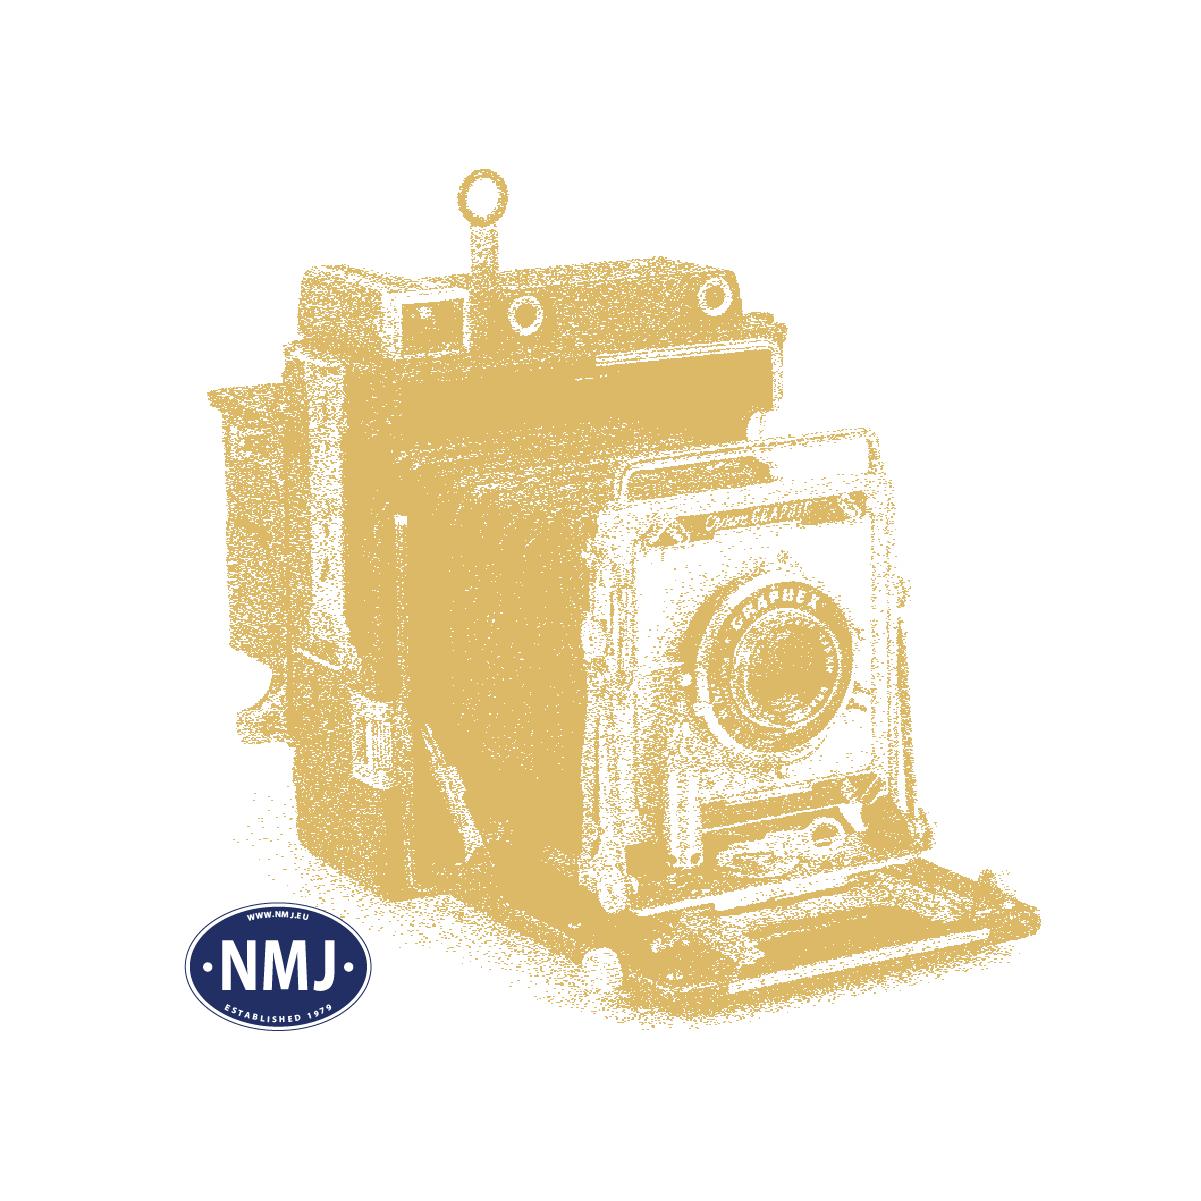 NMJT80.990 - Hjulaksler for NMJ Topline El17, Versjon 1, 2 Par (4 Stk.)